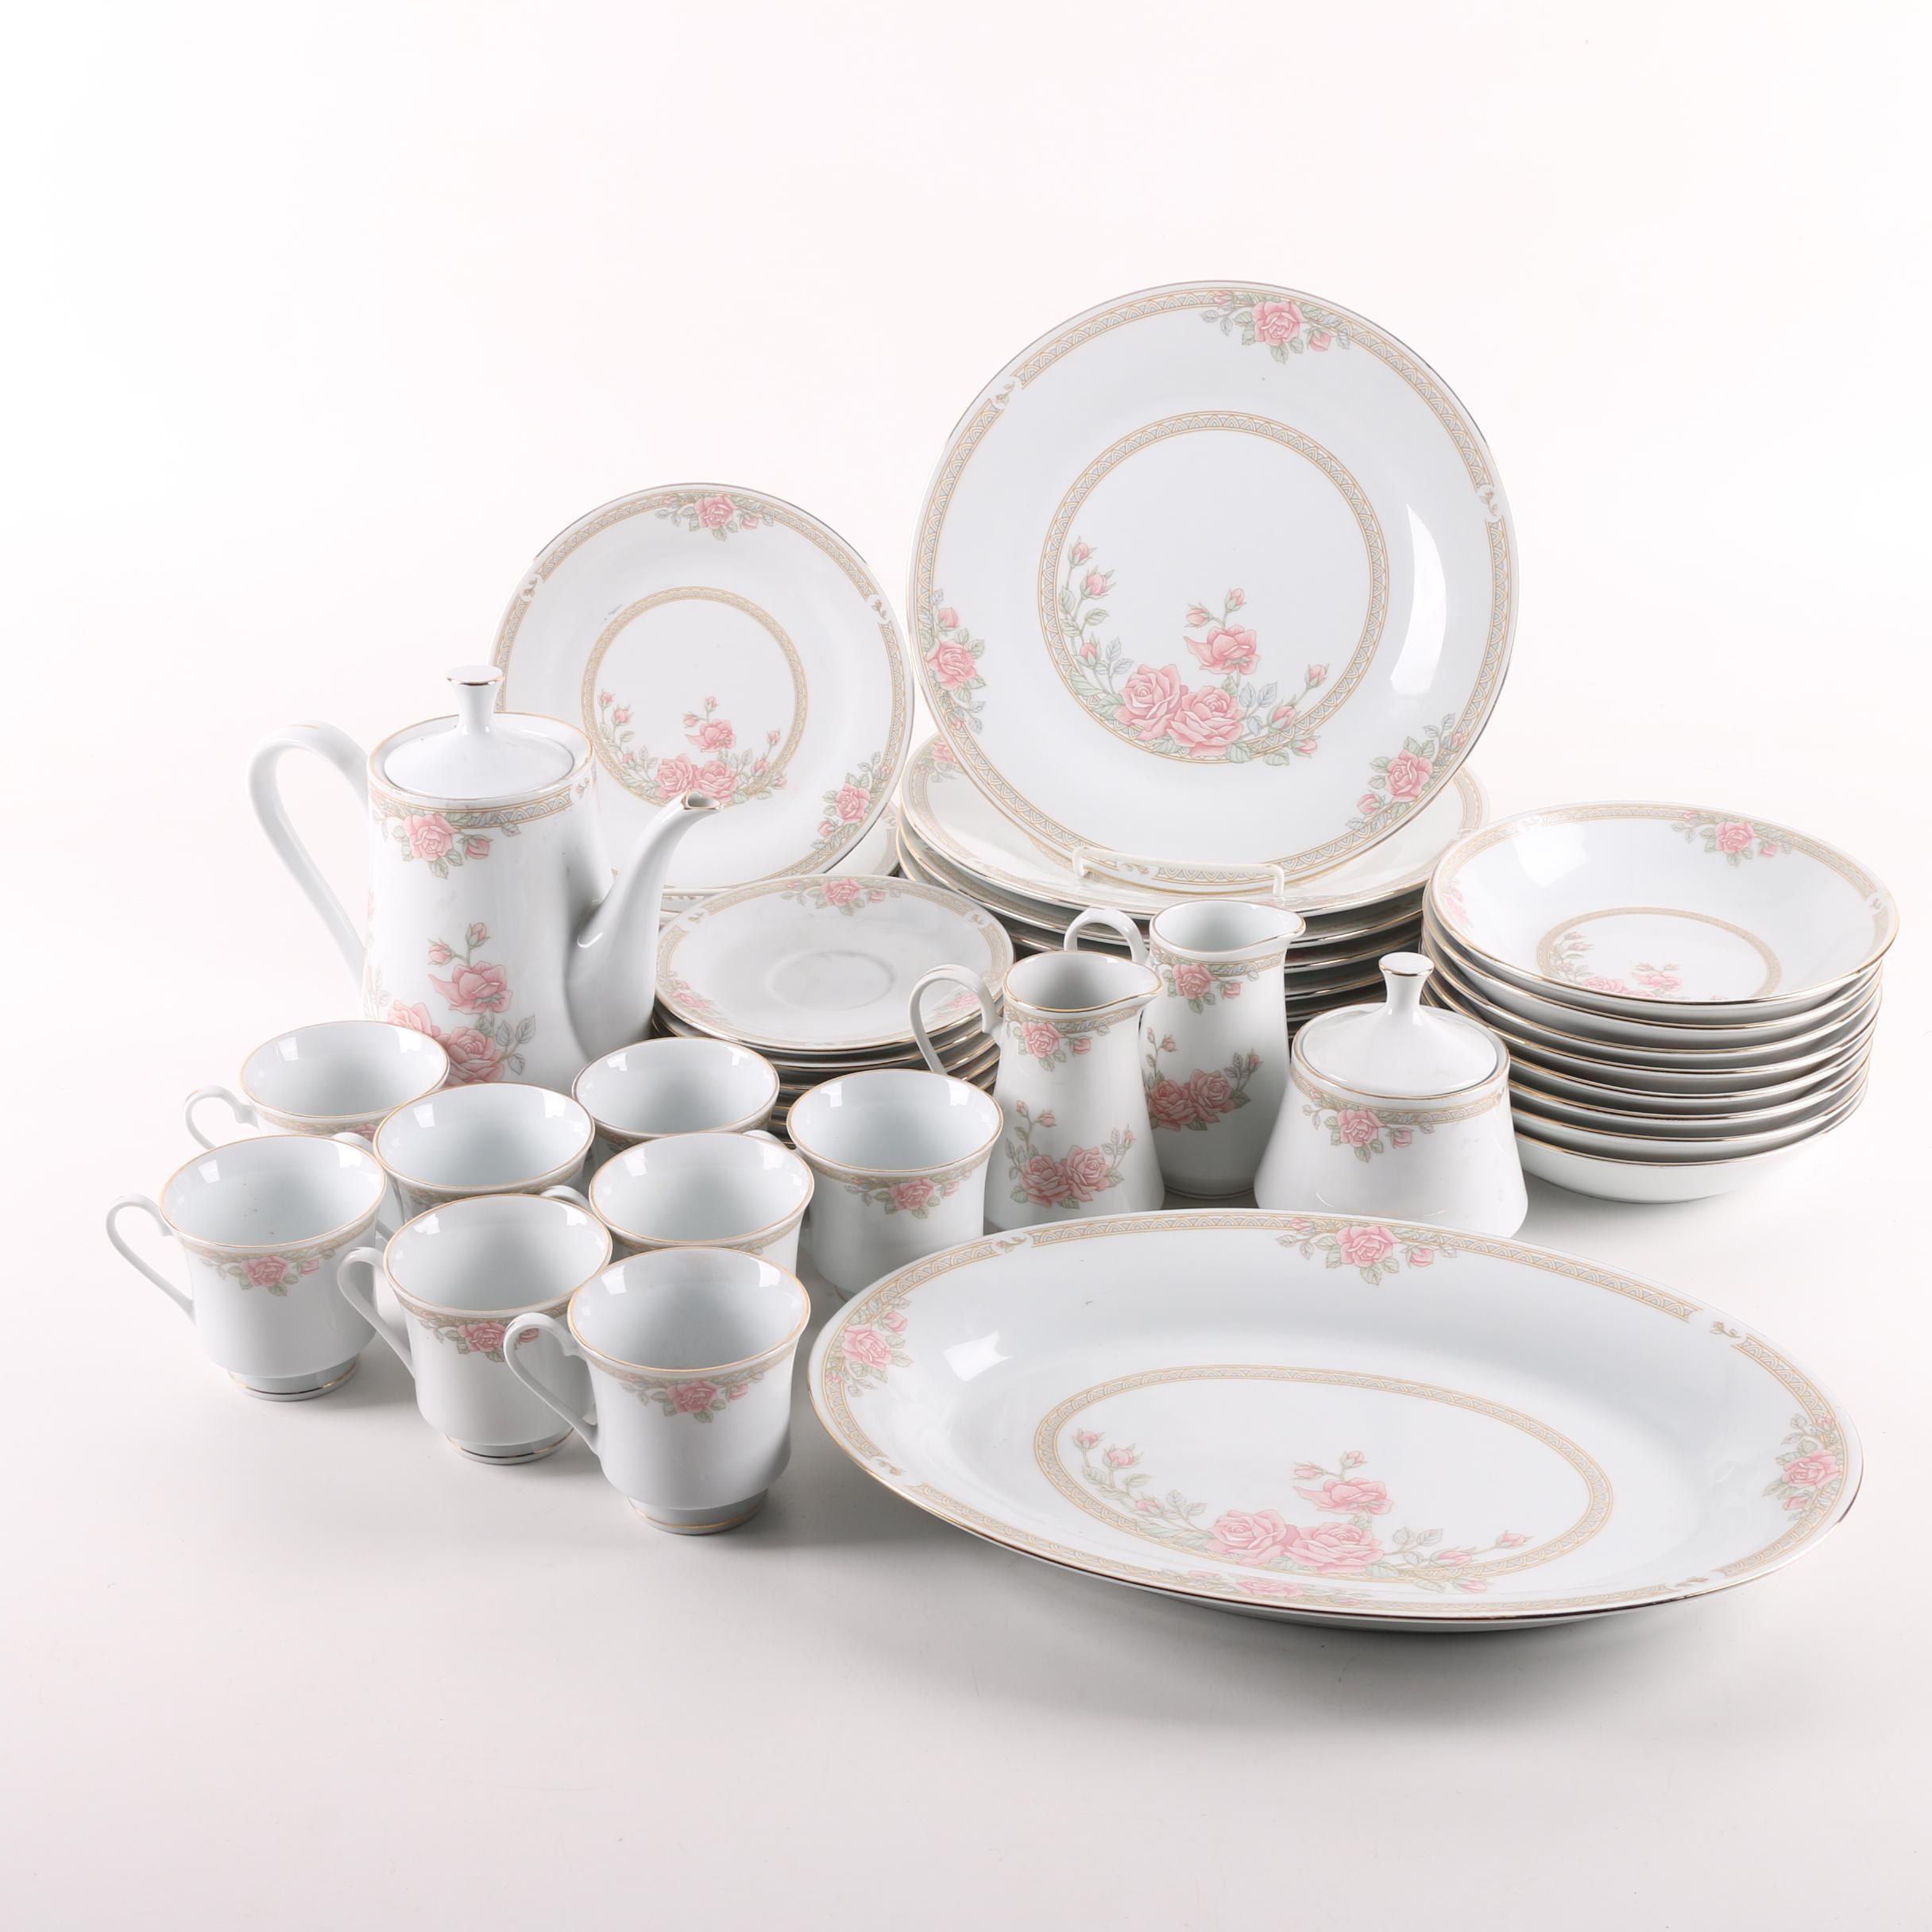 Tienshan Pink Rose Porcelain Dinnerware and Serving Dishes ...  sc 1 st  EBTH.com & Tienshan Pink Rose Porcelain Dinnerware and Serving Dishes : EBTH